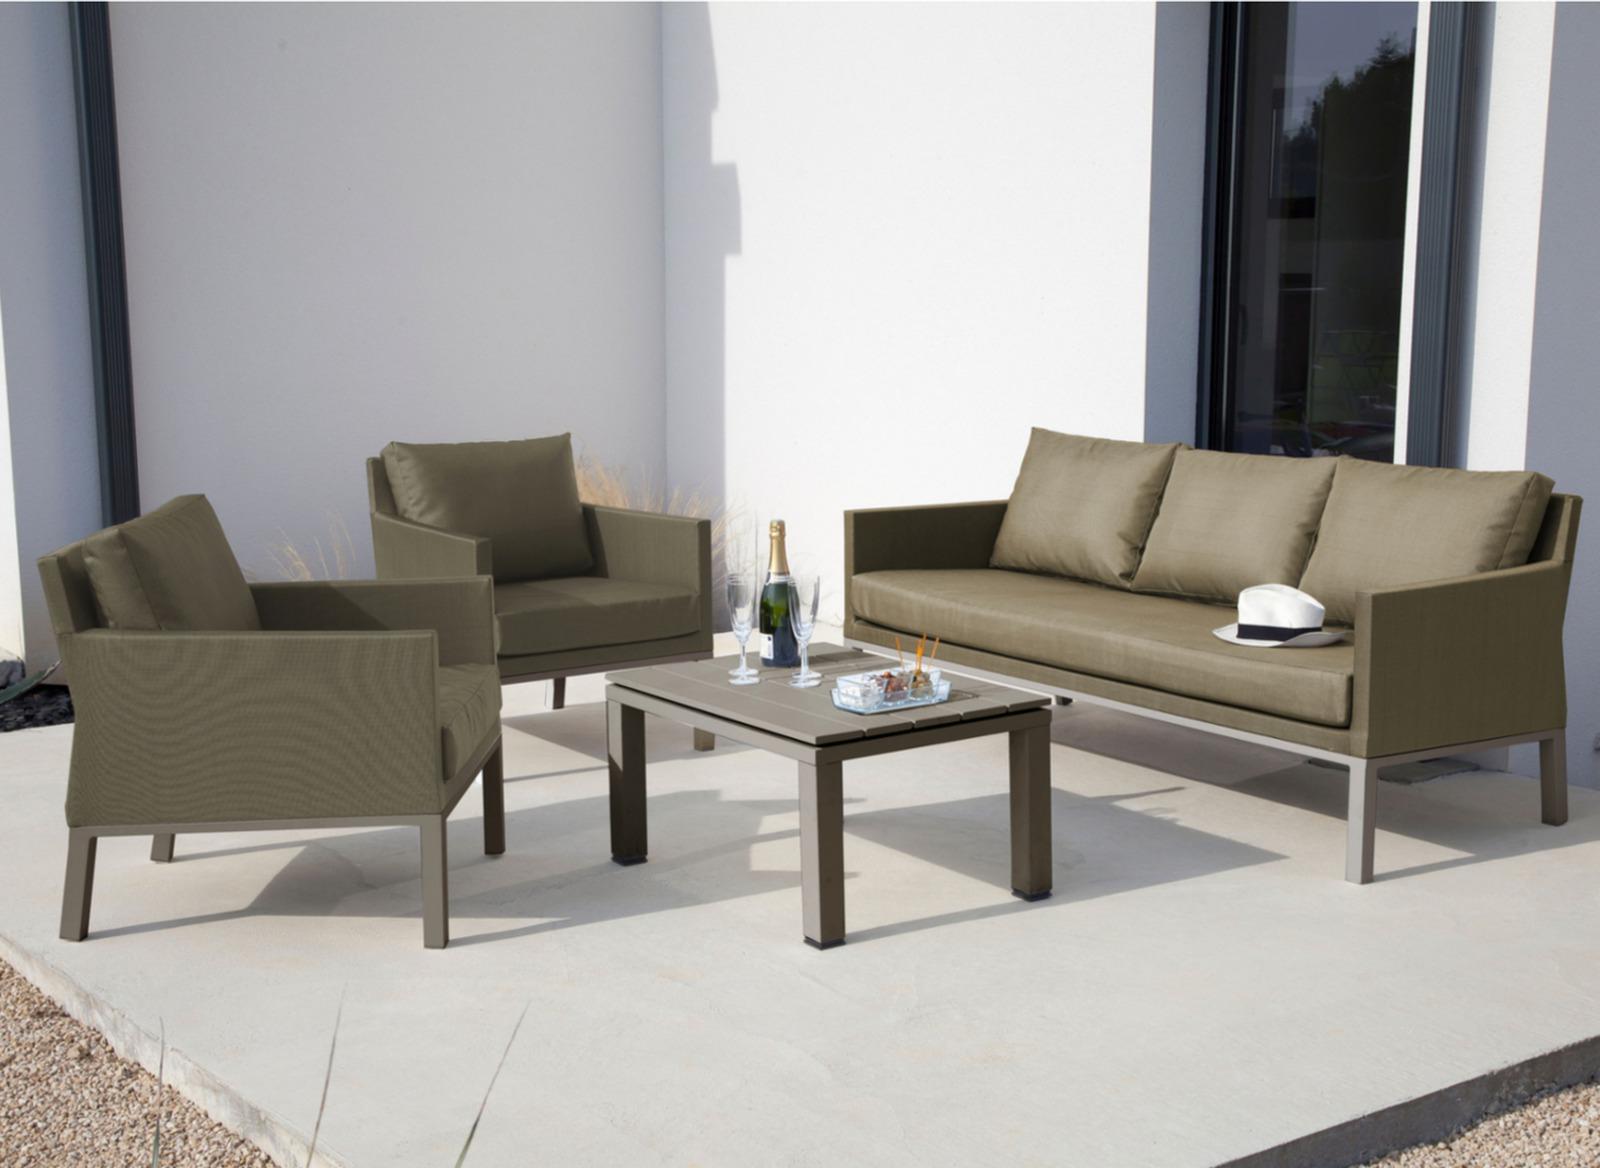 salon de jardin canap fauteuils table basse oslo. Black Bedroom Furniture Sets. Home Design Ideas